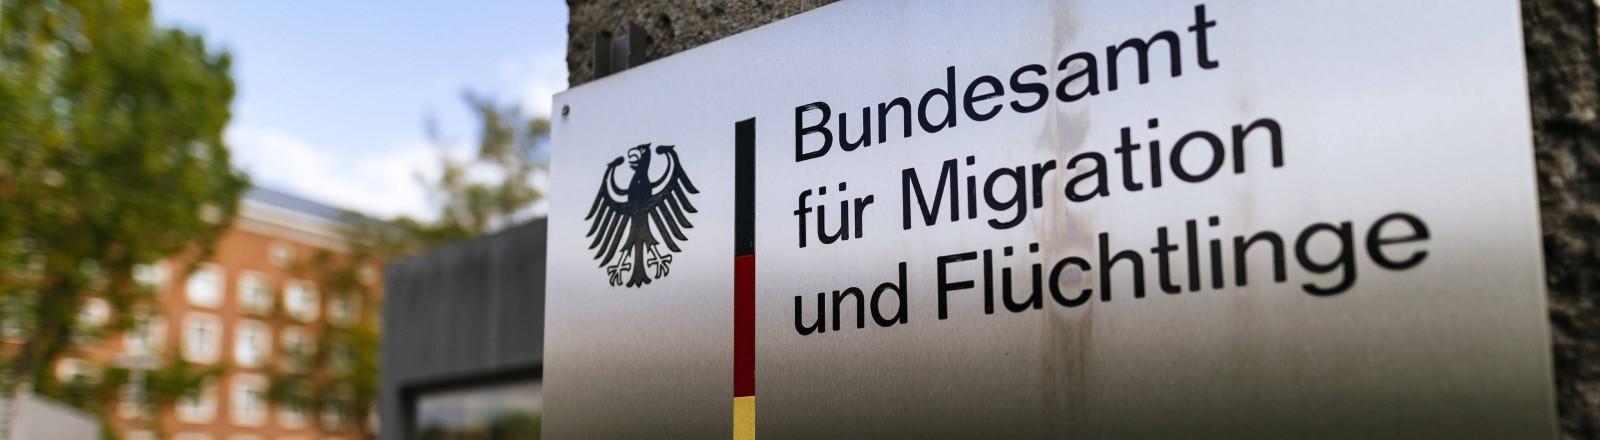 Ein Schild des Bundesamtes für Migration und Flüchtlinge